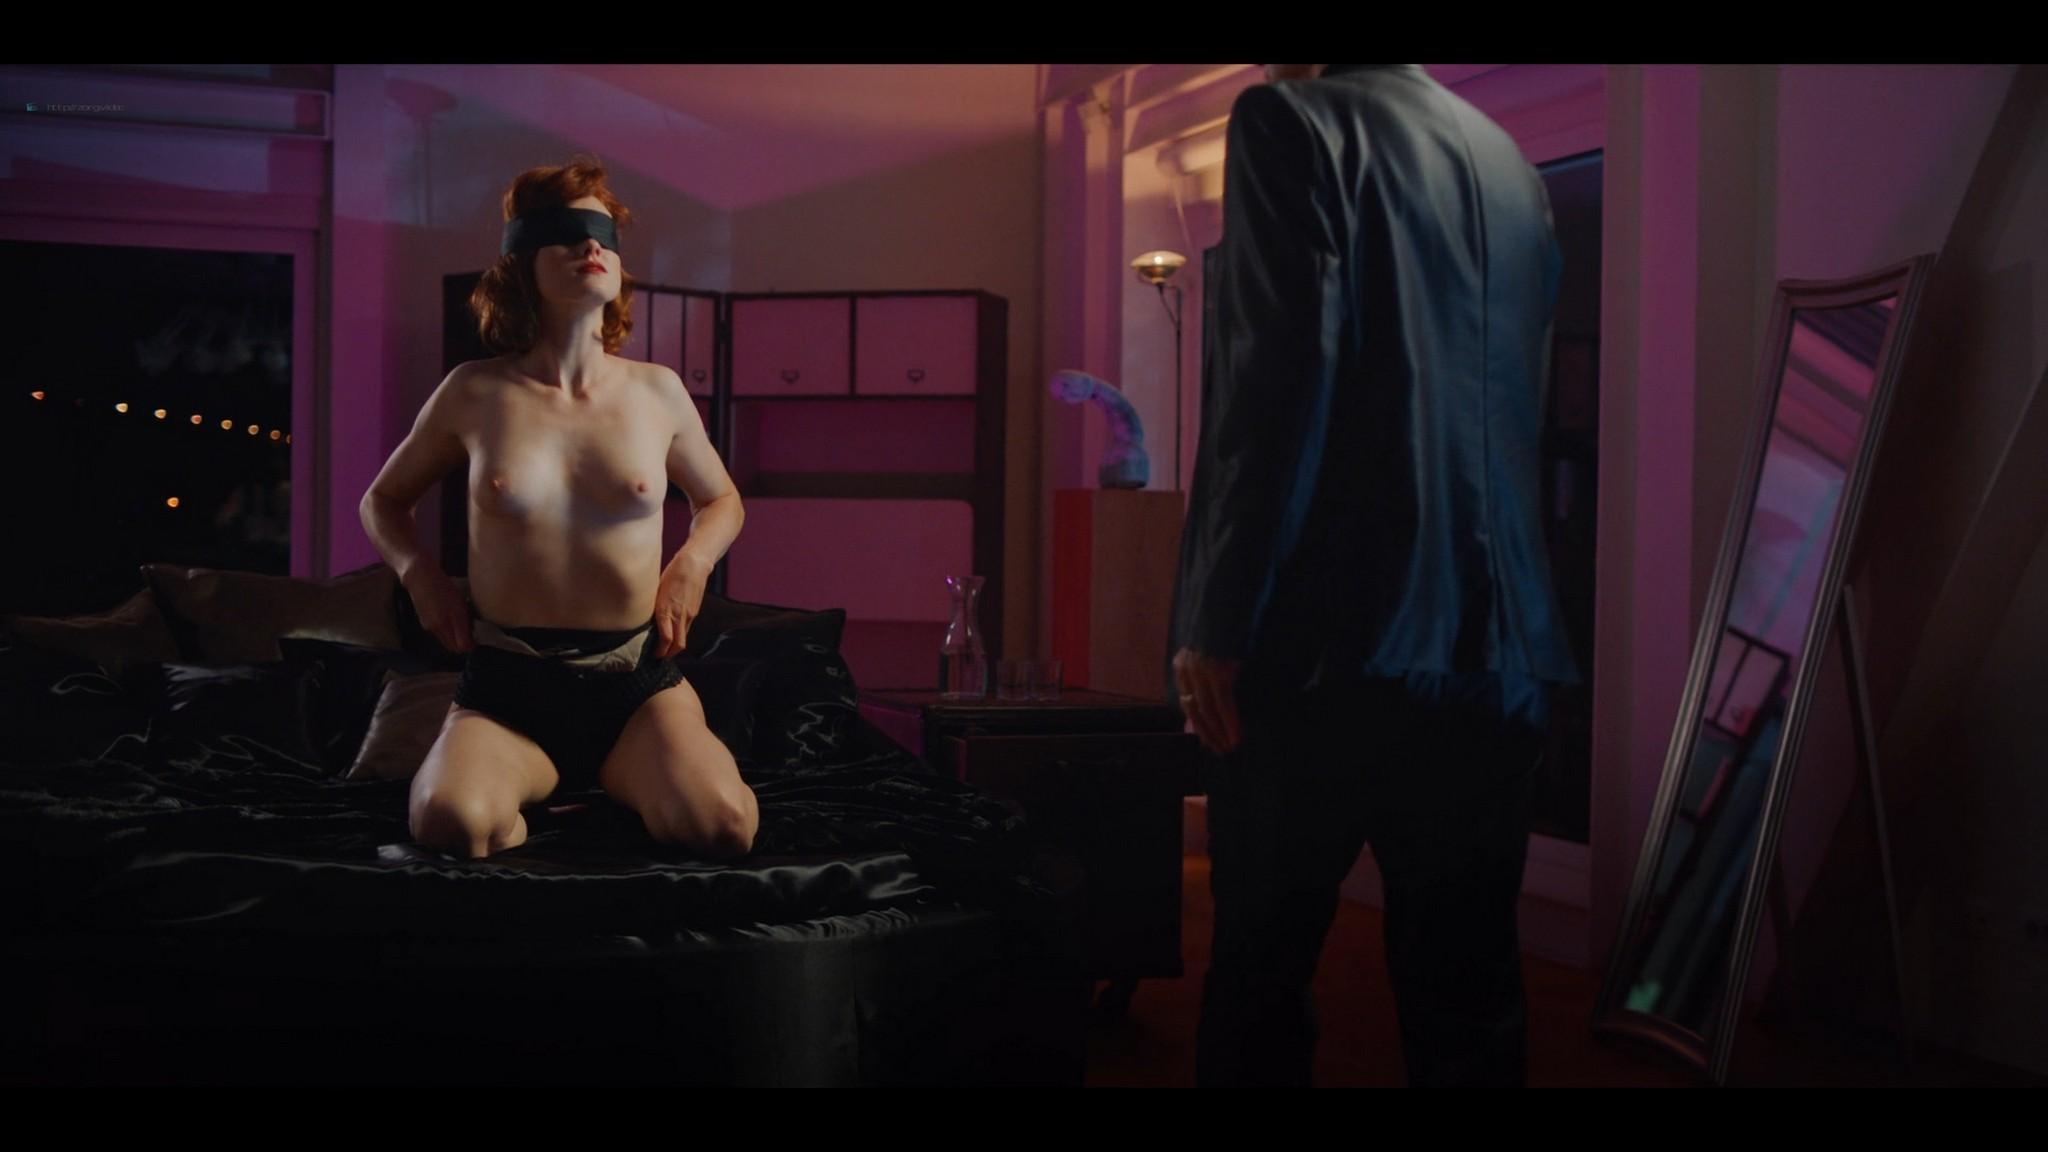 Anne-Laure Vandeputte nude topless Nienke van Hofslot nude sex etc - Women of the Night (2019) s1e7-10 HD 1080p (3)